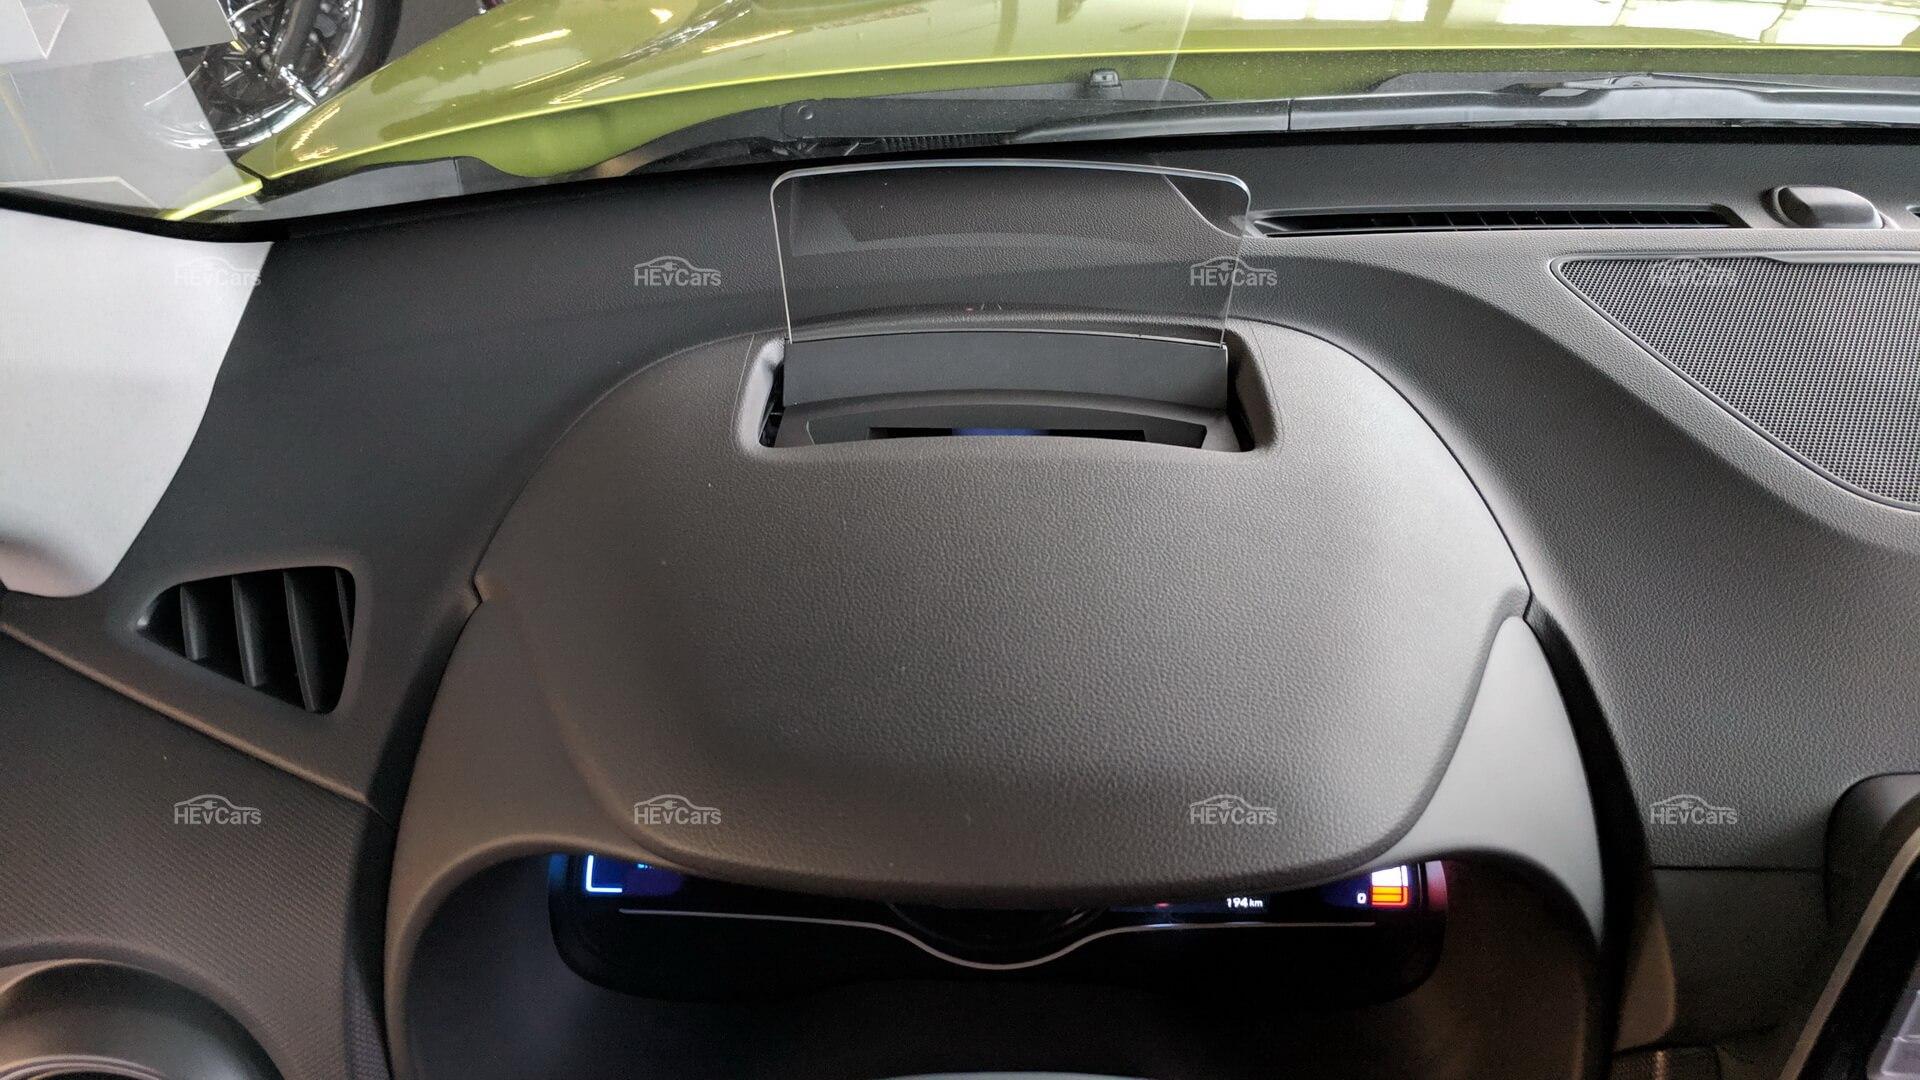 Проекционный экран после выключения автомобиля прячется впередней панели